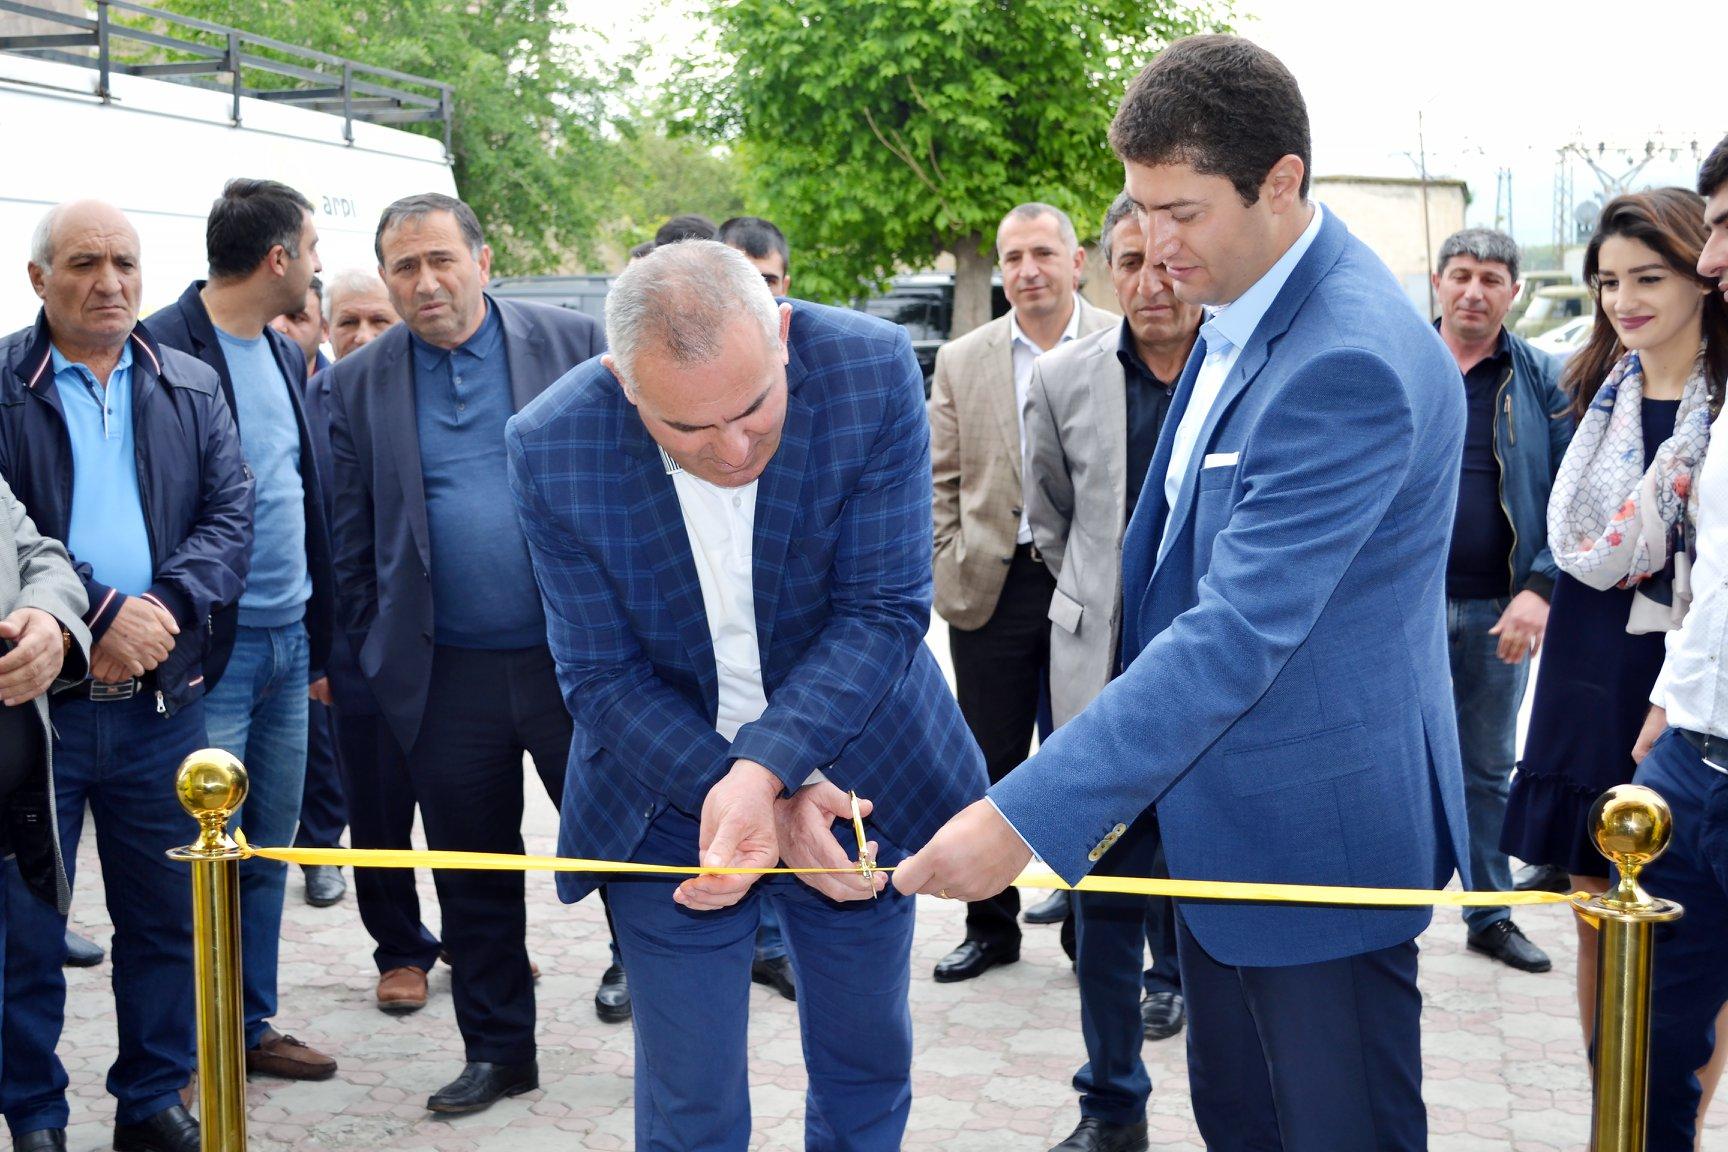 «Արփի Սոլար» ընկերությունը բացել է իր առաջին արևային էներգիայի իրազեկման կենտրոնը Գեղարքունիքի մարզում